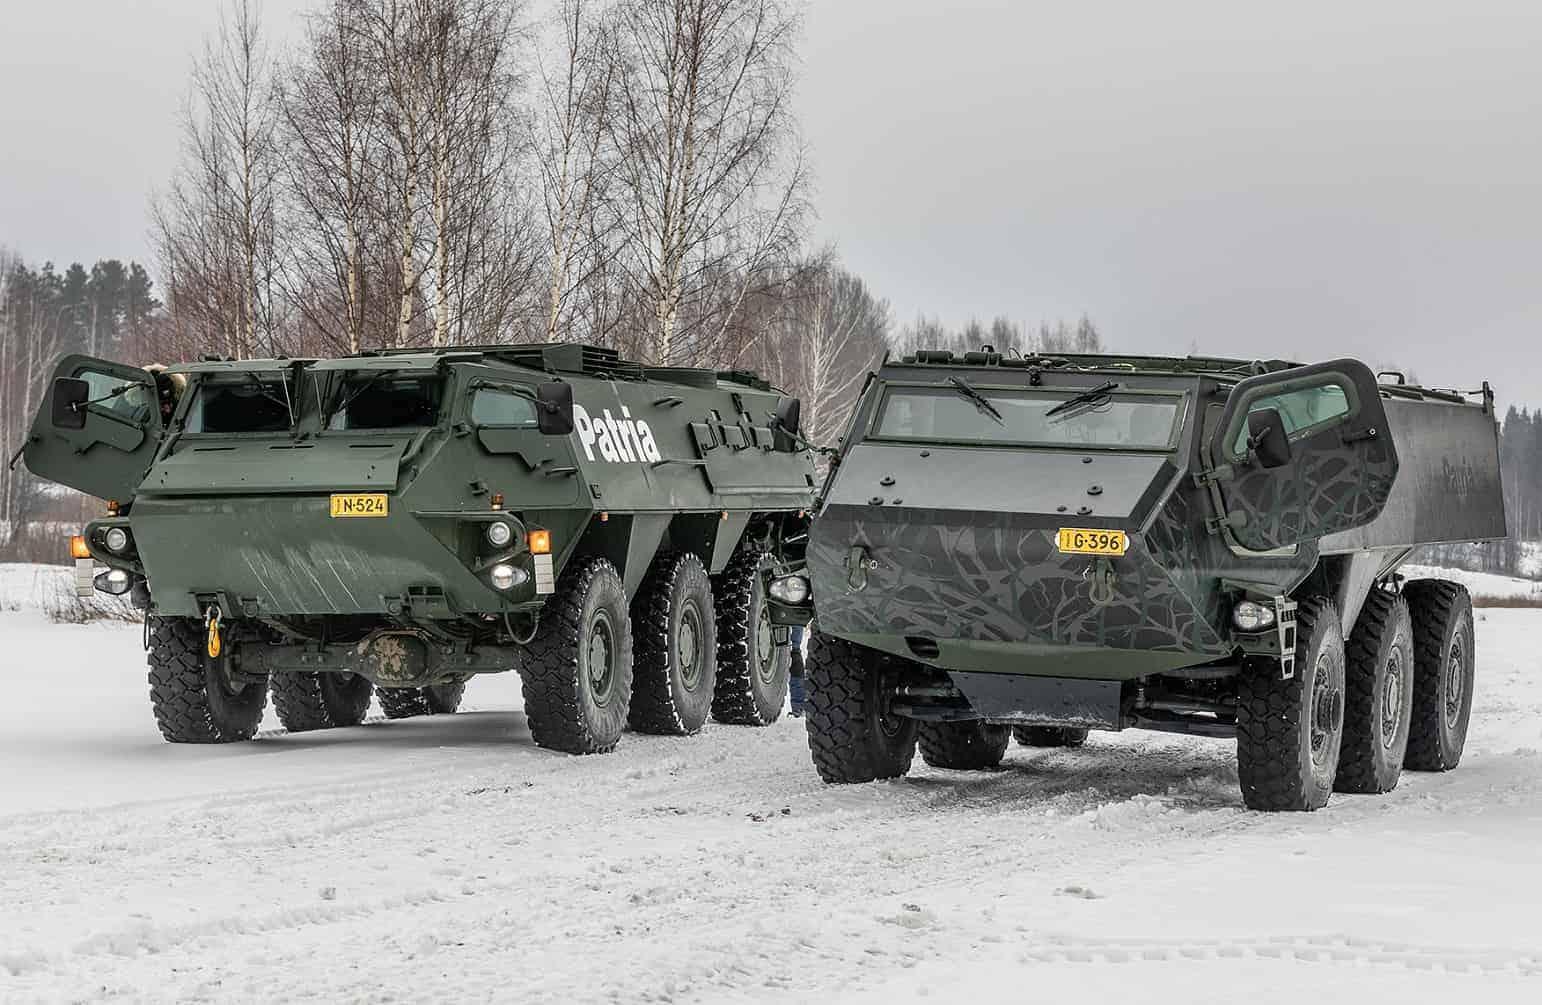 Варіанти платформи Patria 6x6 на випробуваннях